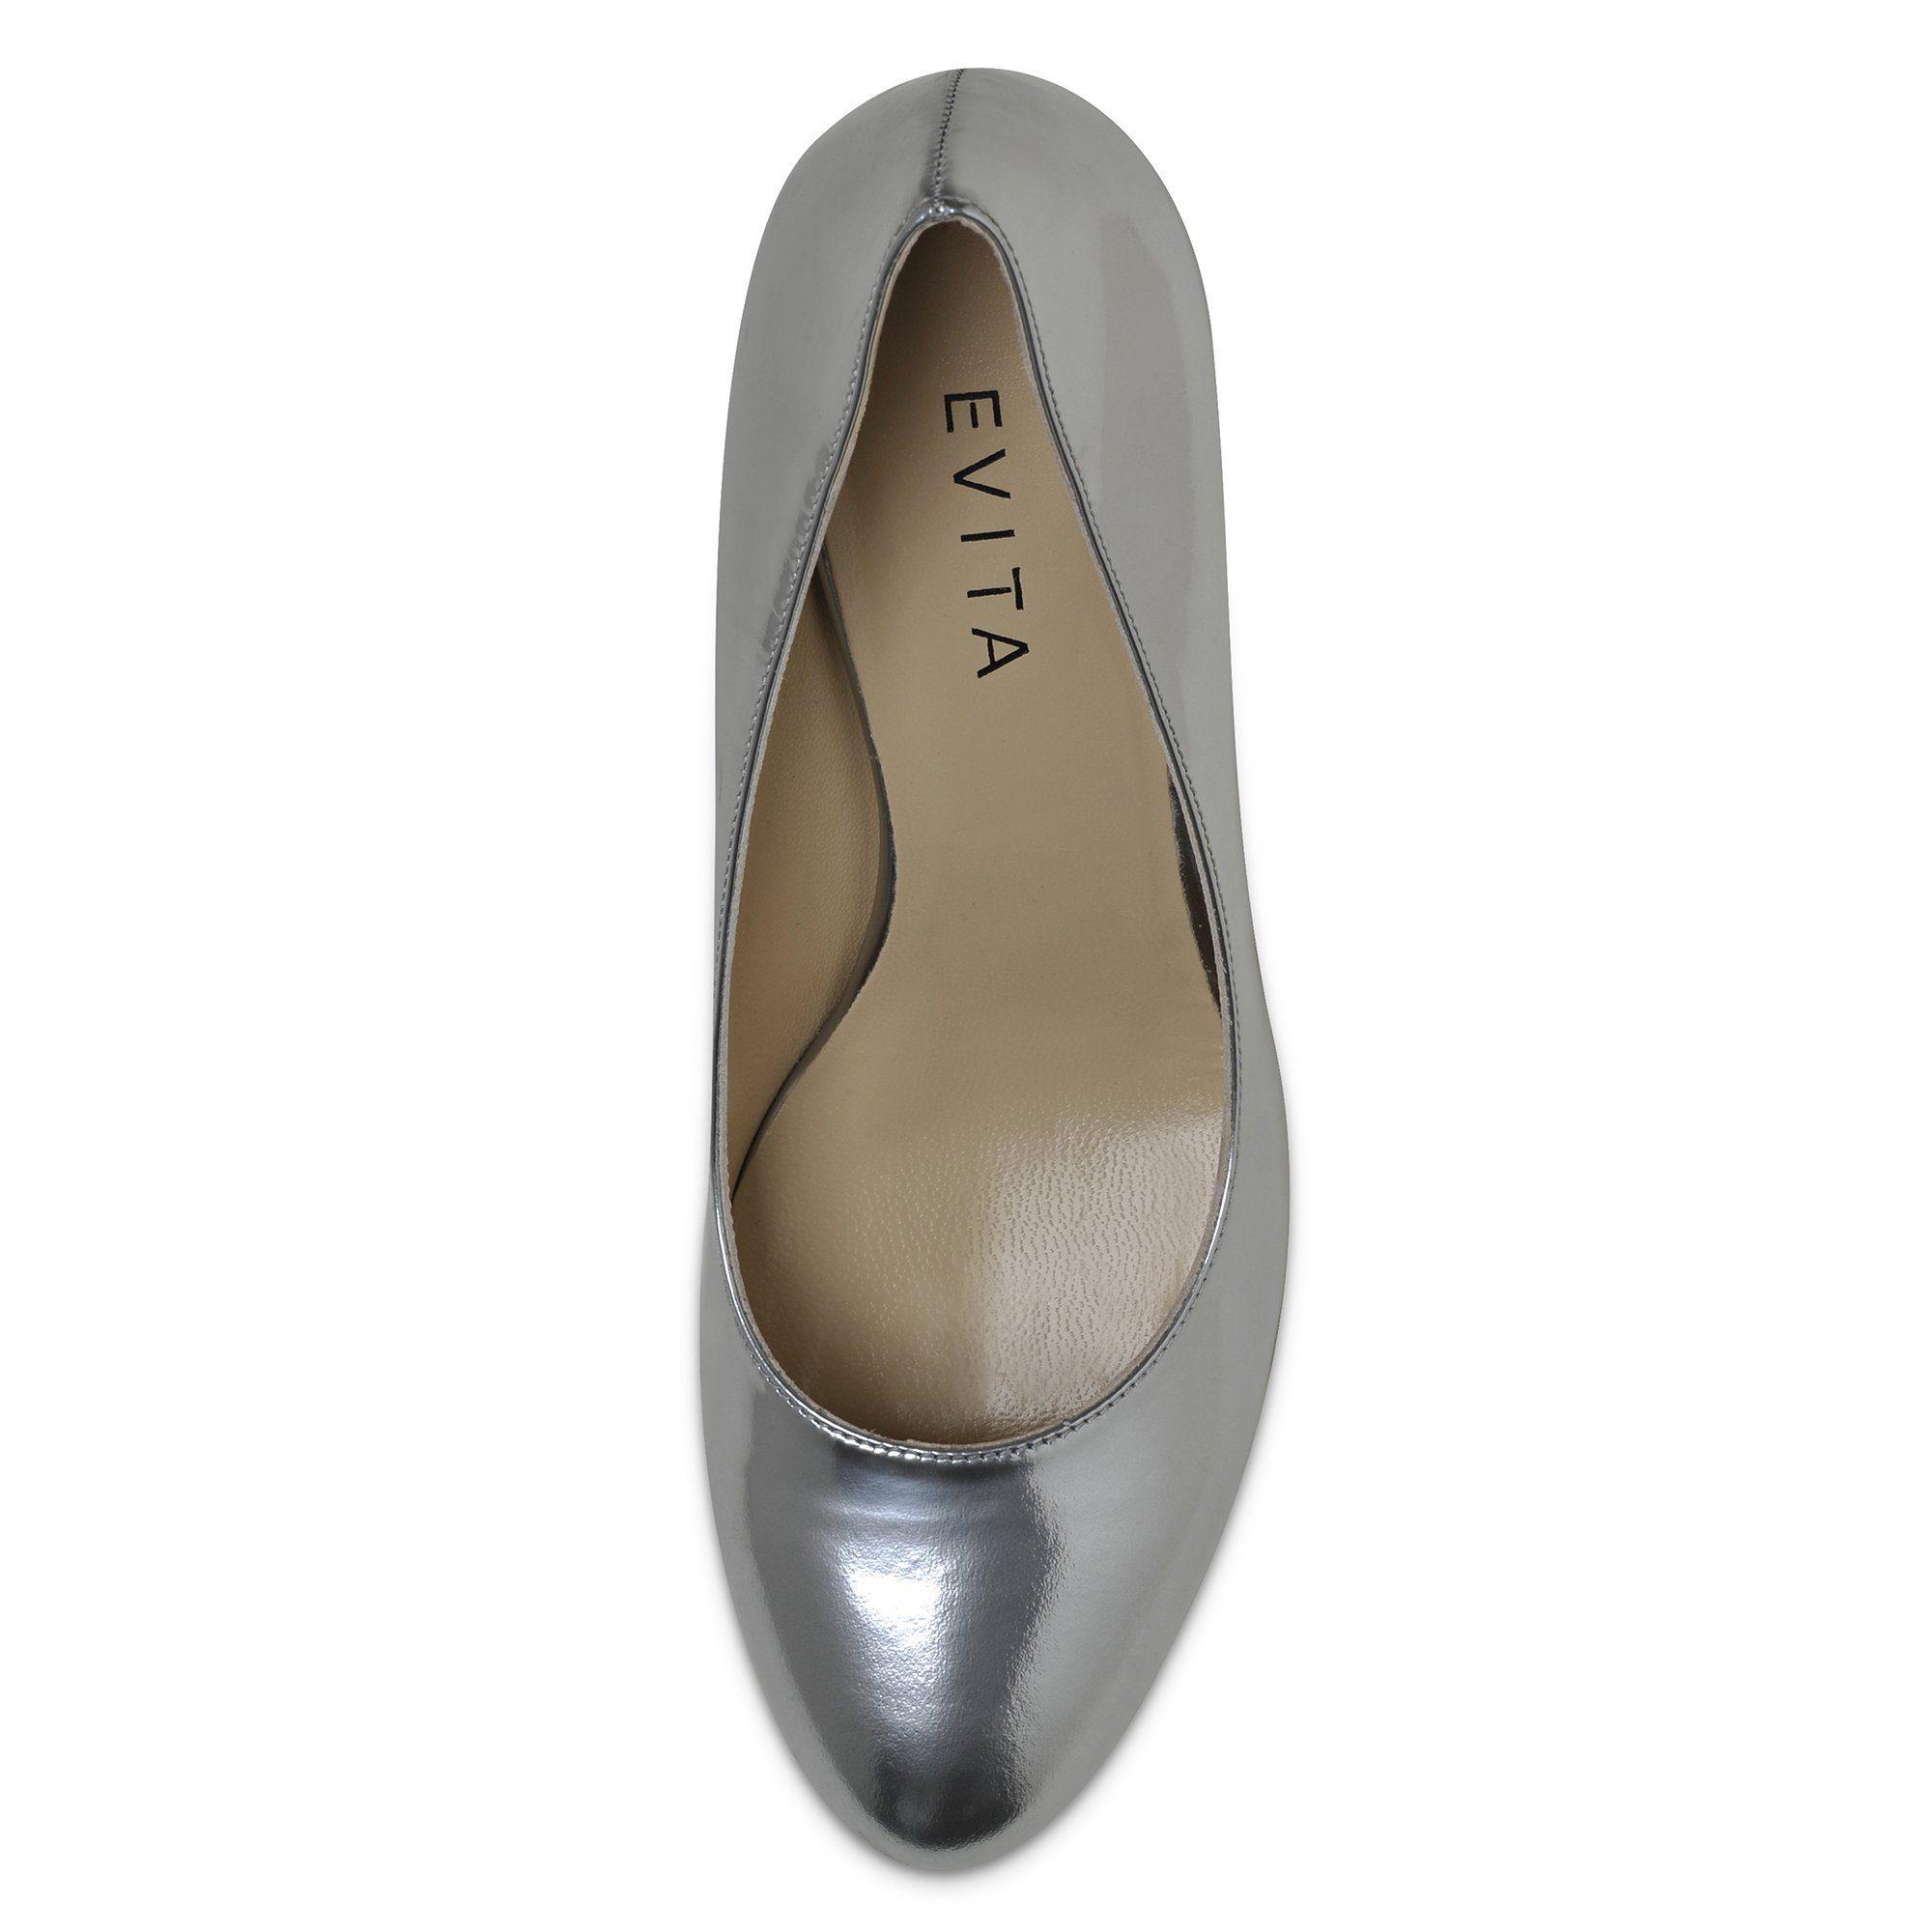 Evita BIANCA Pumps online kaufen  silberfarben